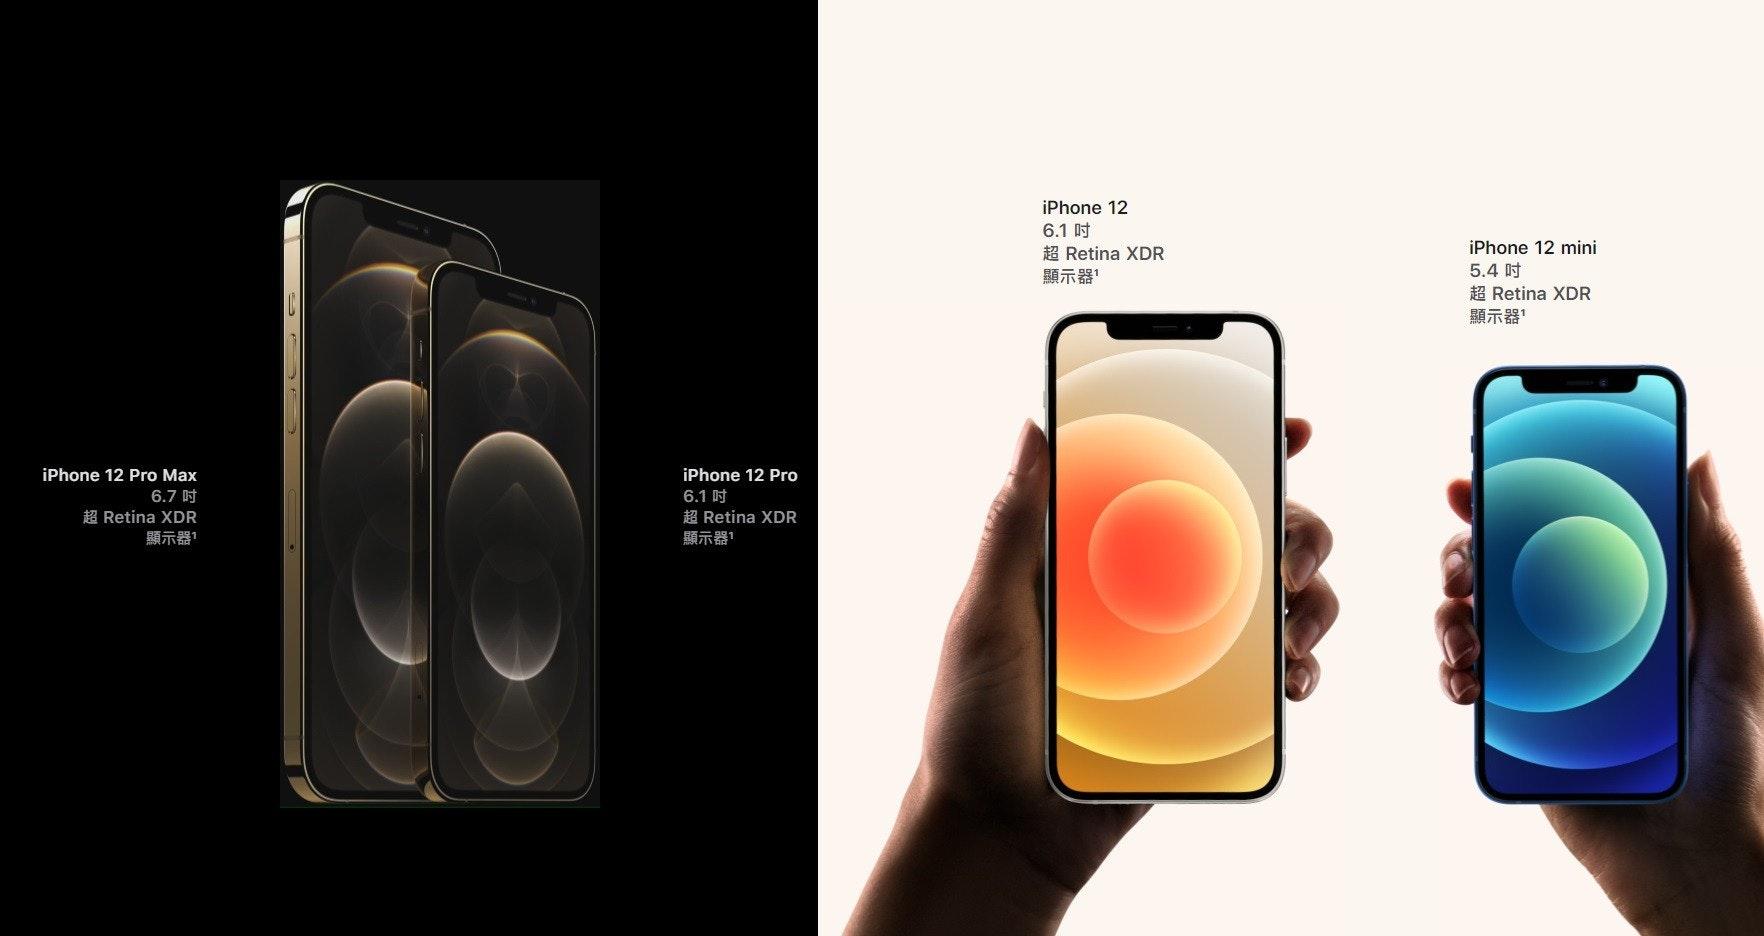 照片中提到了iPhone 12、6.1吋、E Retina XDR,包含了電子產品、產品設計、產品、電子產品、字形